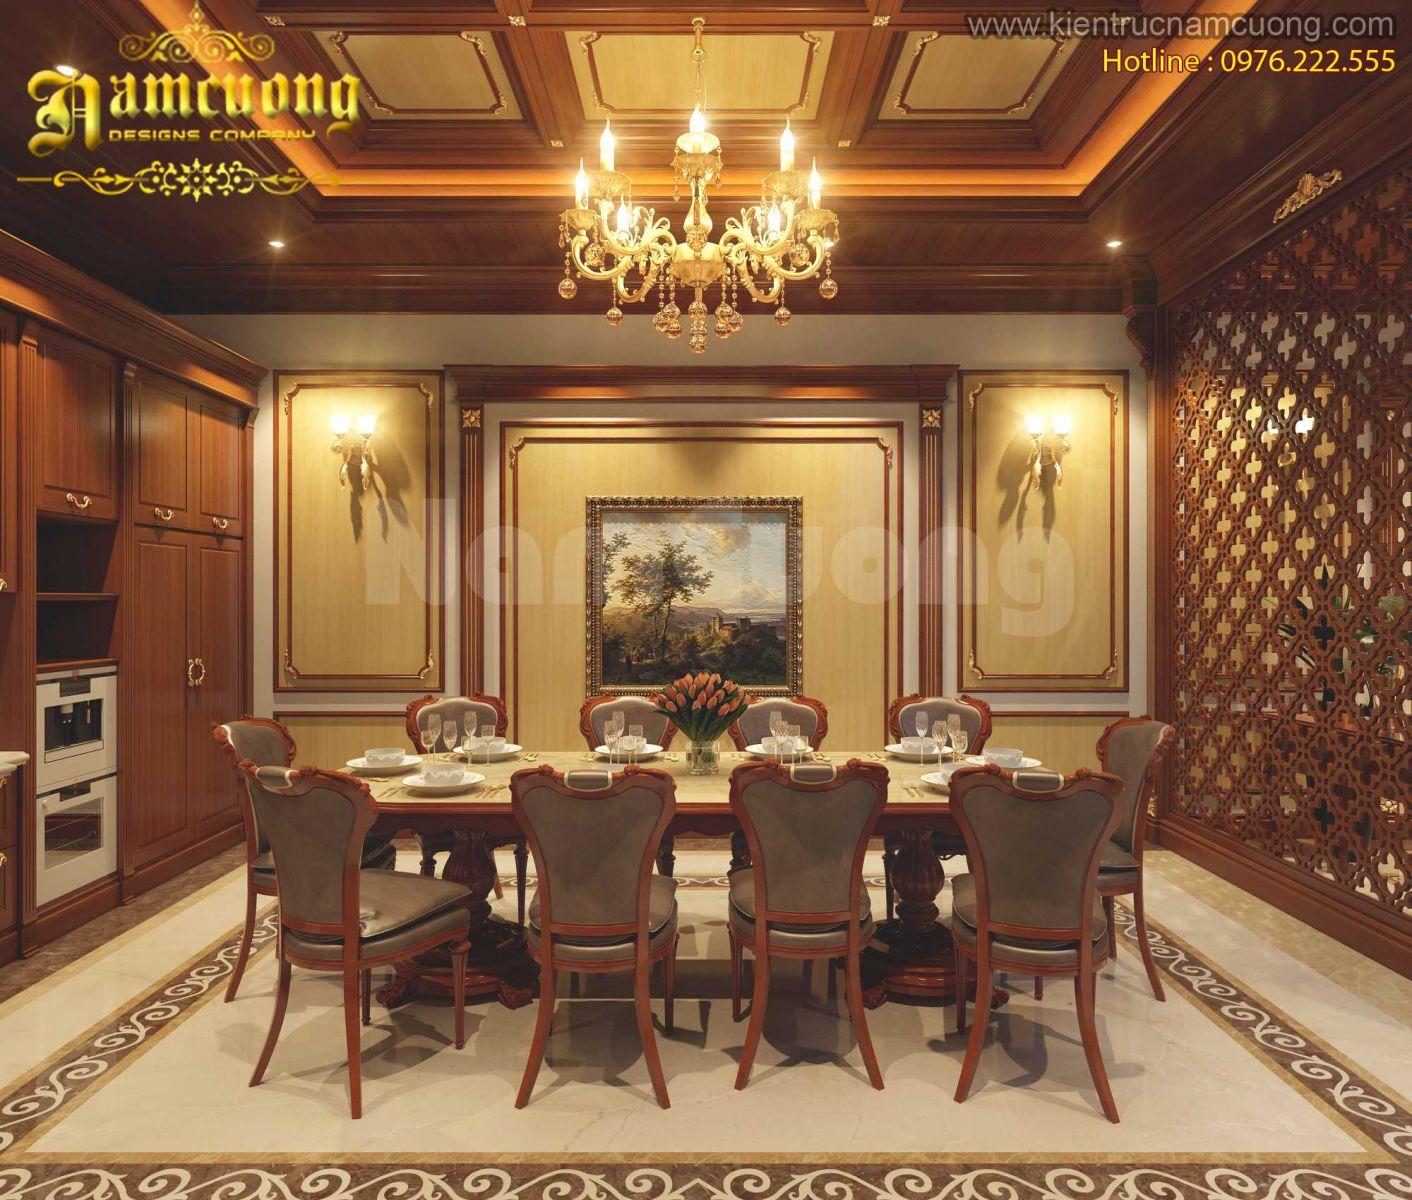 Mẫu nội thất phòng ăn cho biệt thự Pháp cổ điển tại Hà Nội